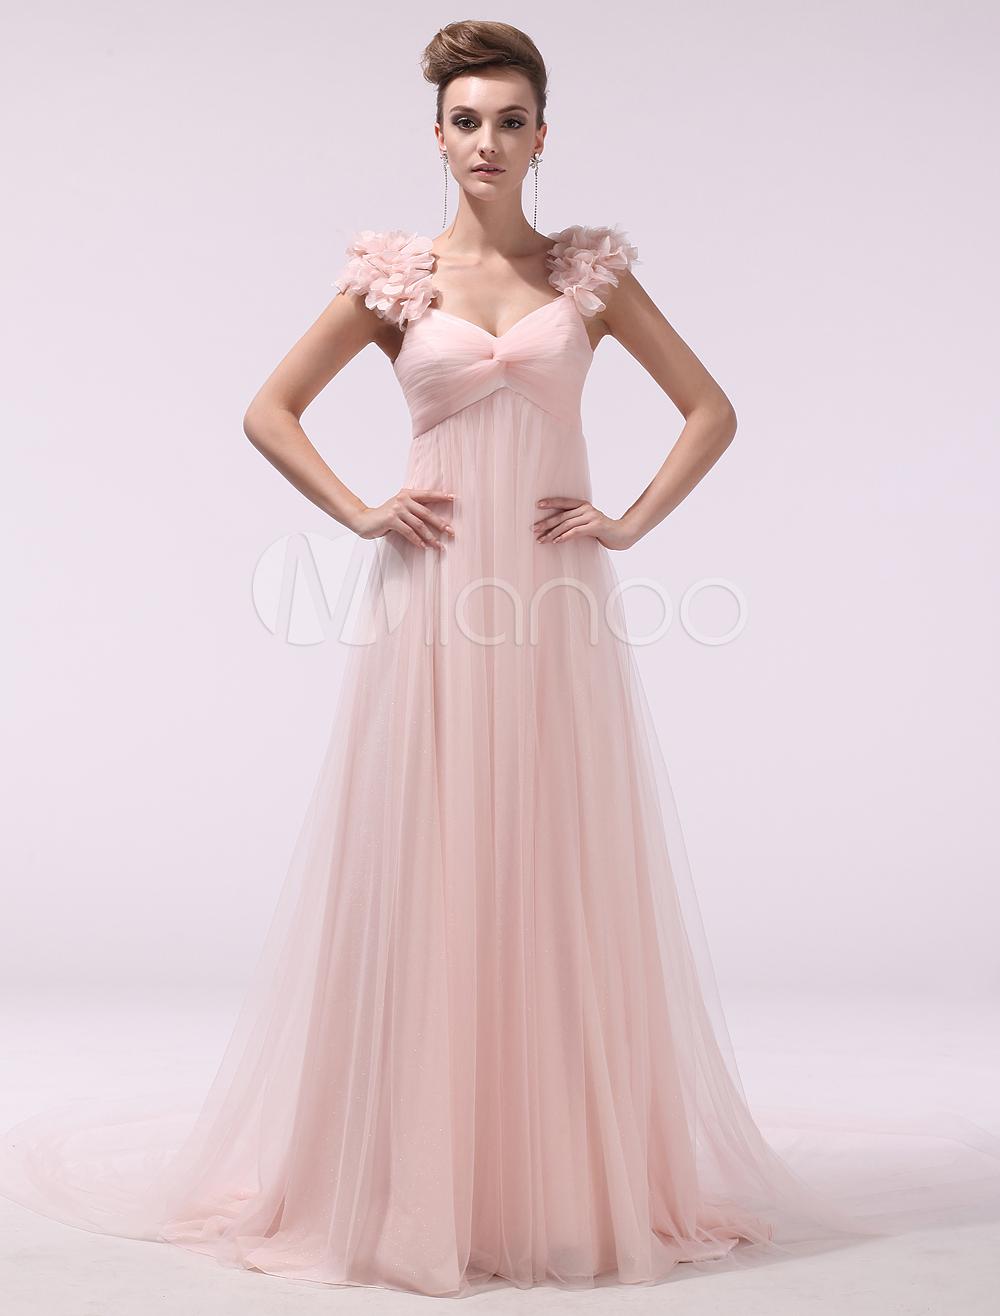 Peach dress for wedding guest  Peach Prom Dresses  Long Chiffon D Flowers Evening Dress Empire